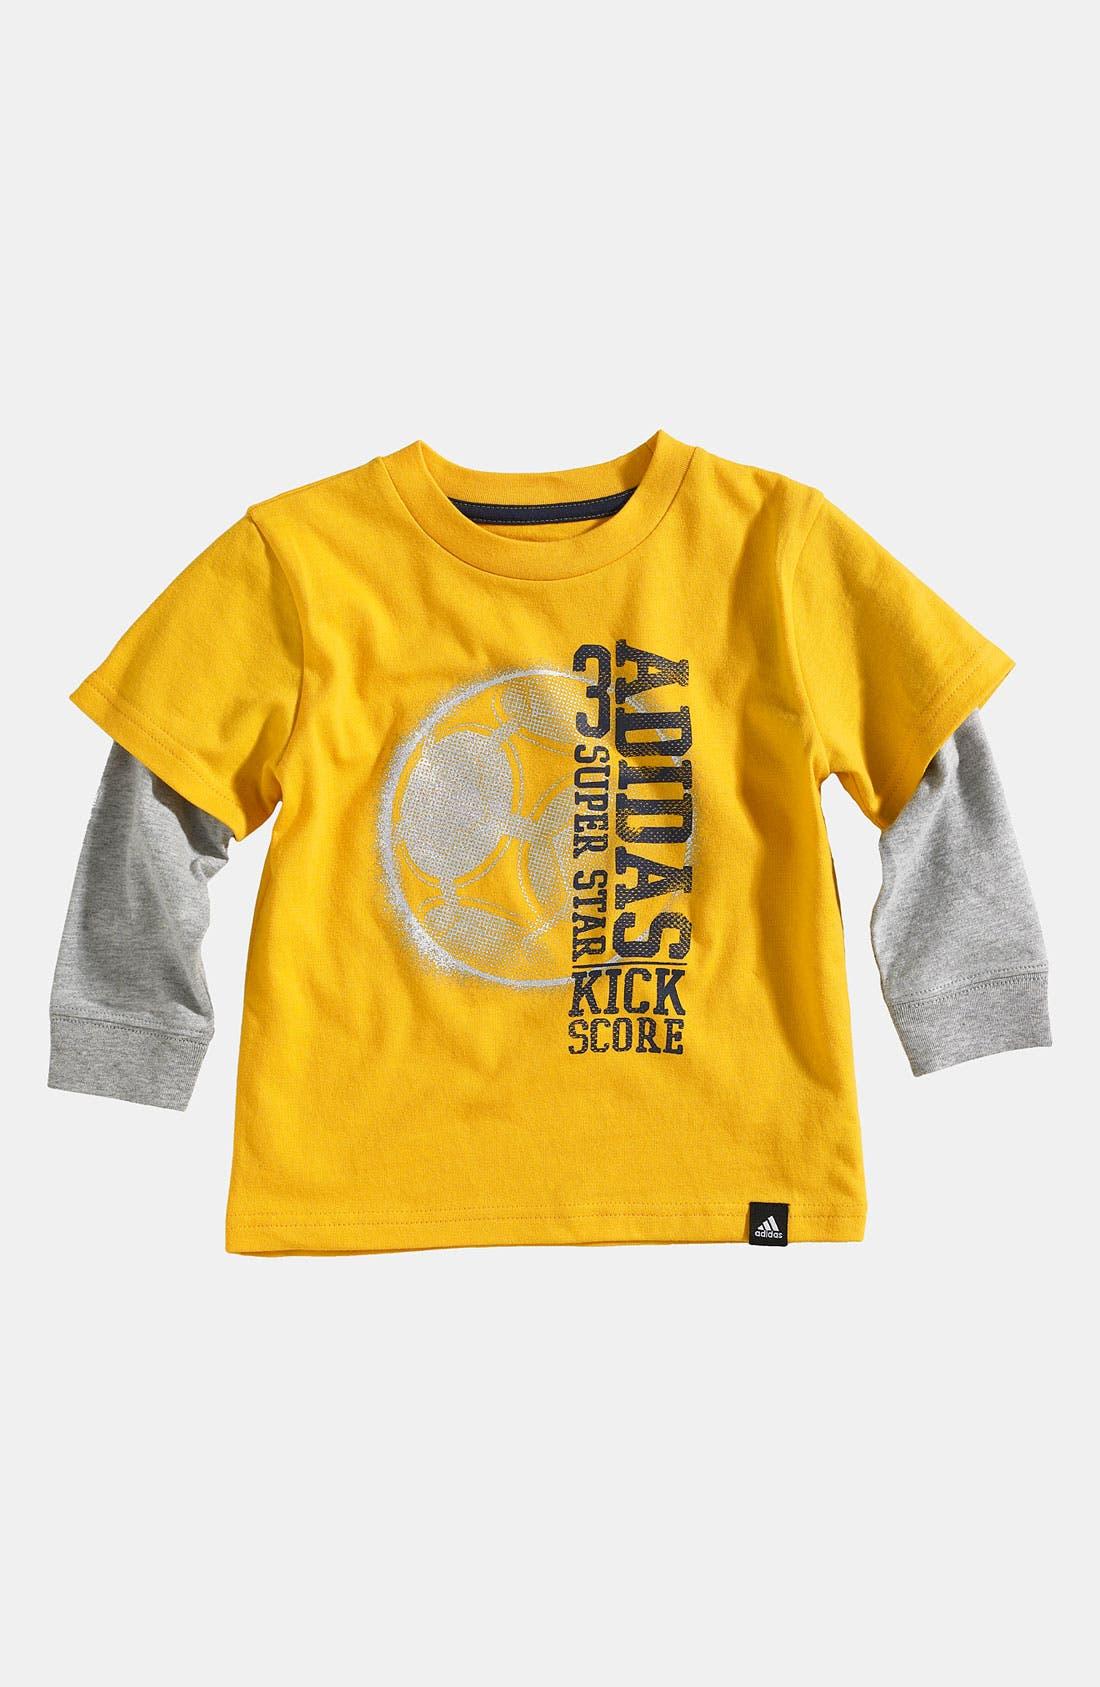 Main Image - adidas 'Triple Score' T-Shirt (Toddler)